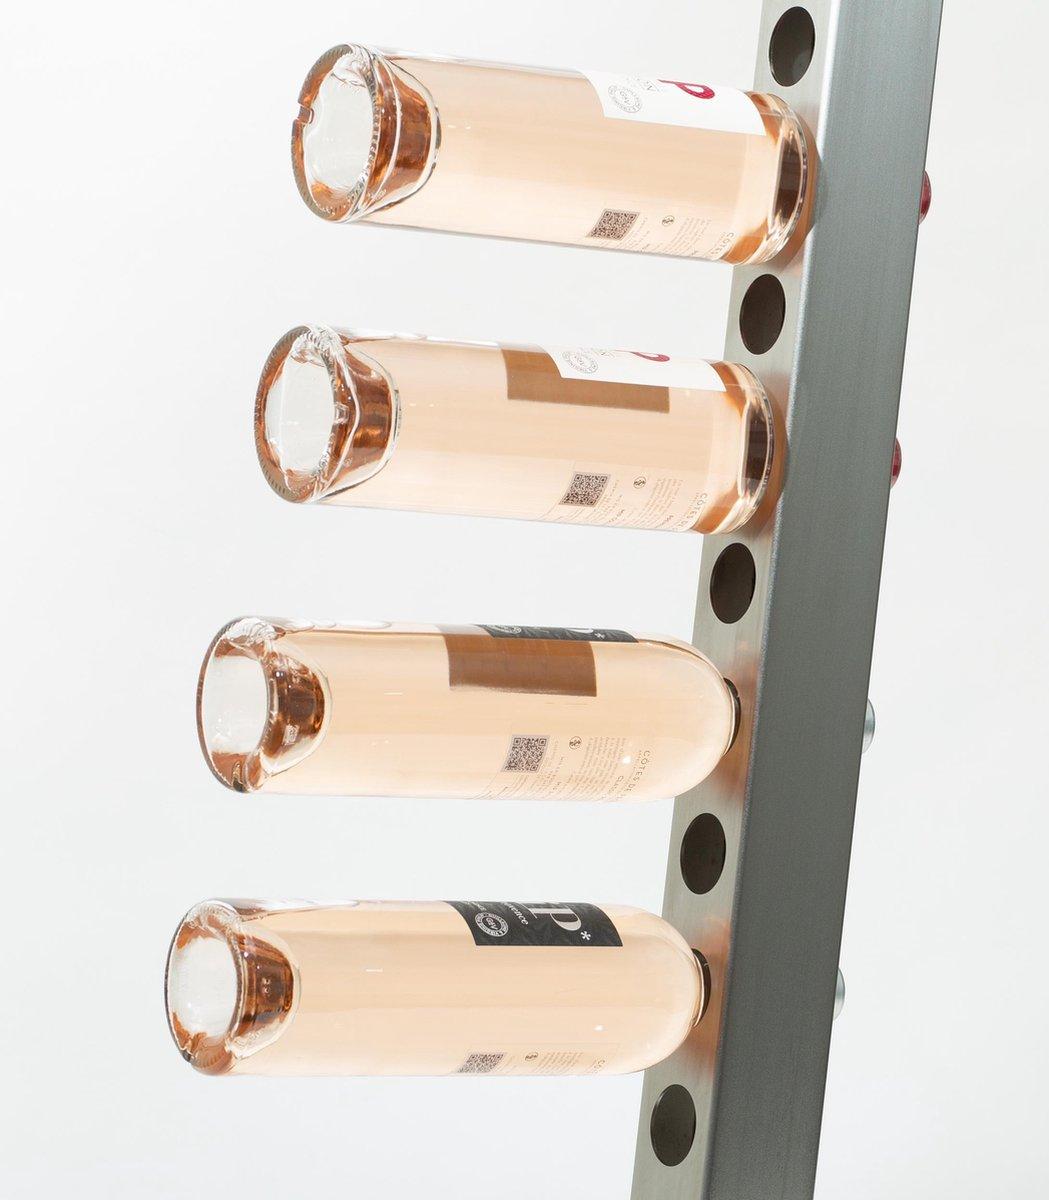 Wijnrek voor aan de muur - geschikt voor 20 flessen - RVS